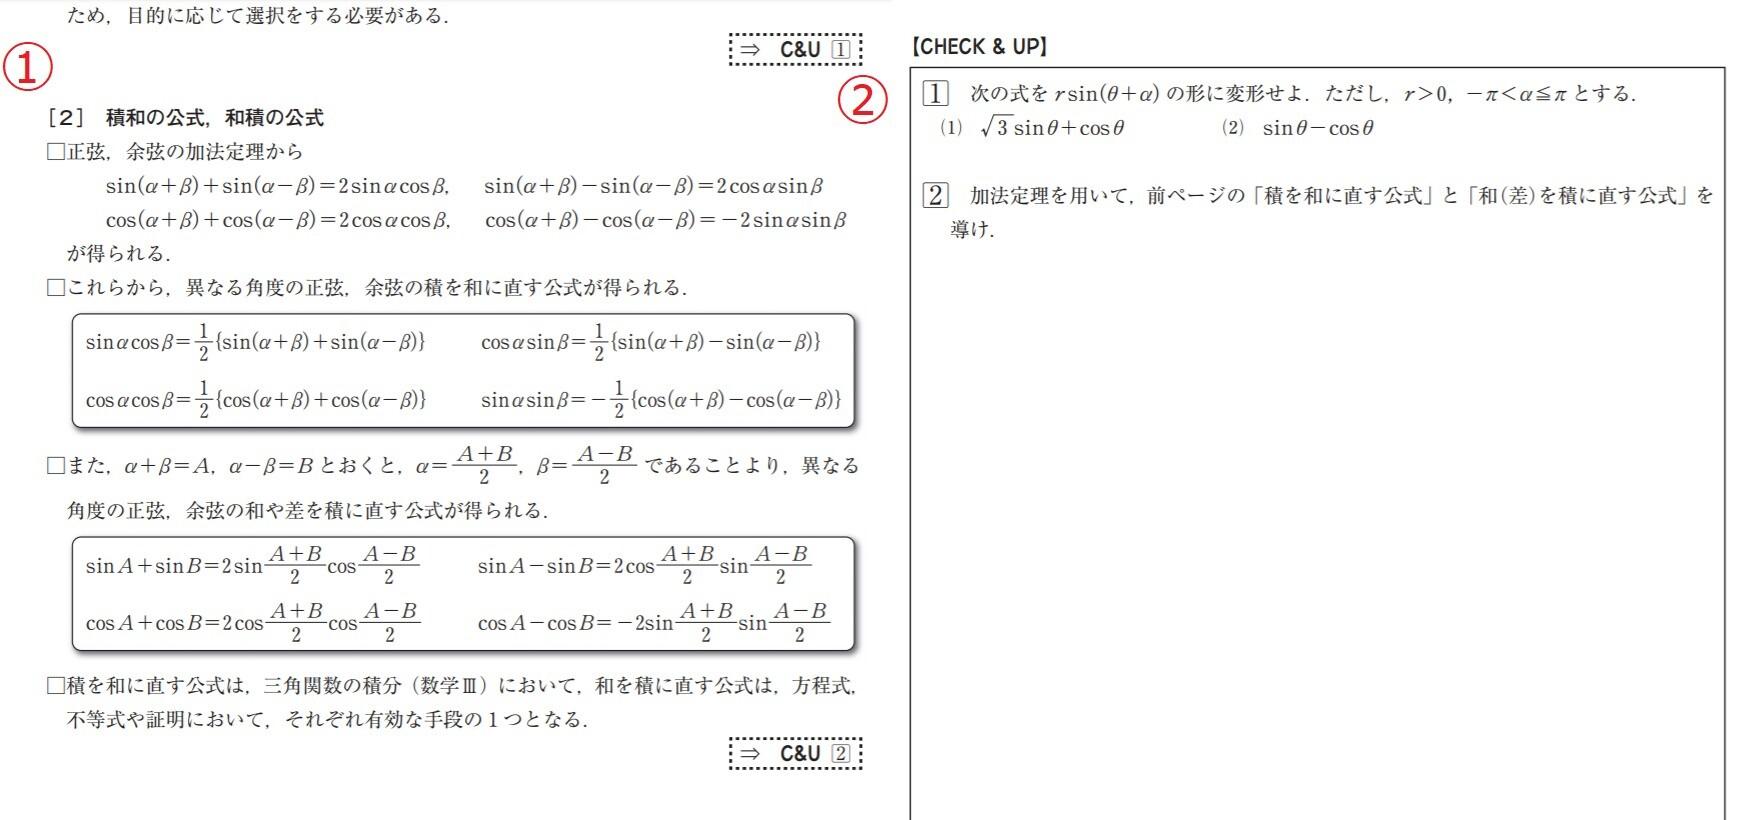 ハイレベル数学IAIIBのテキスト例